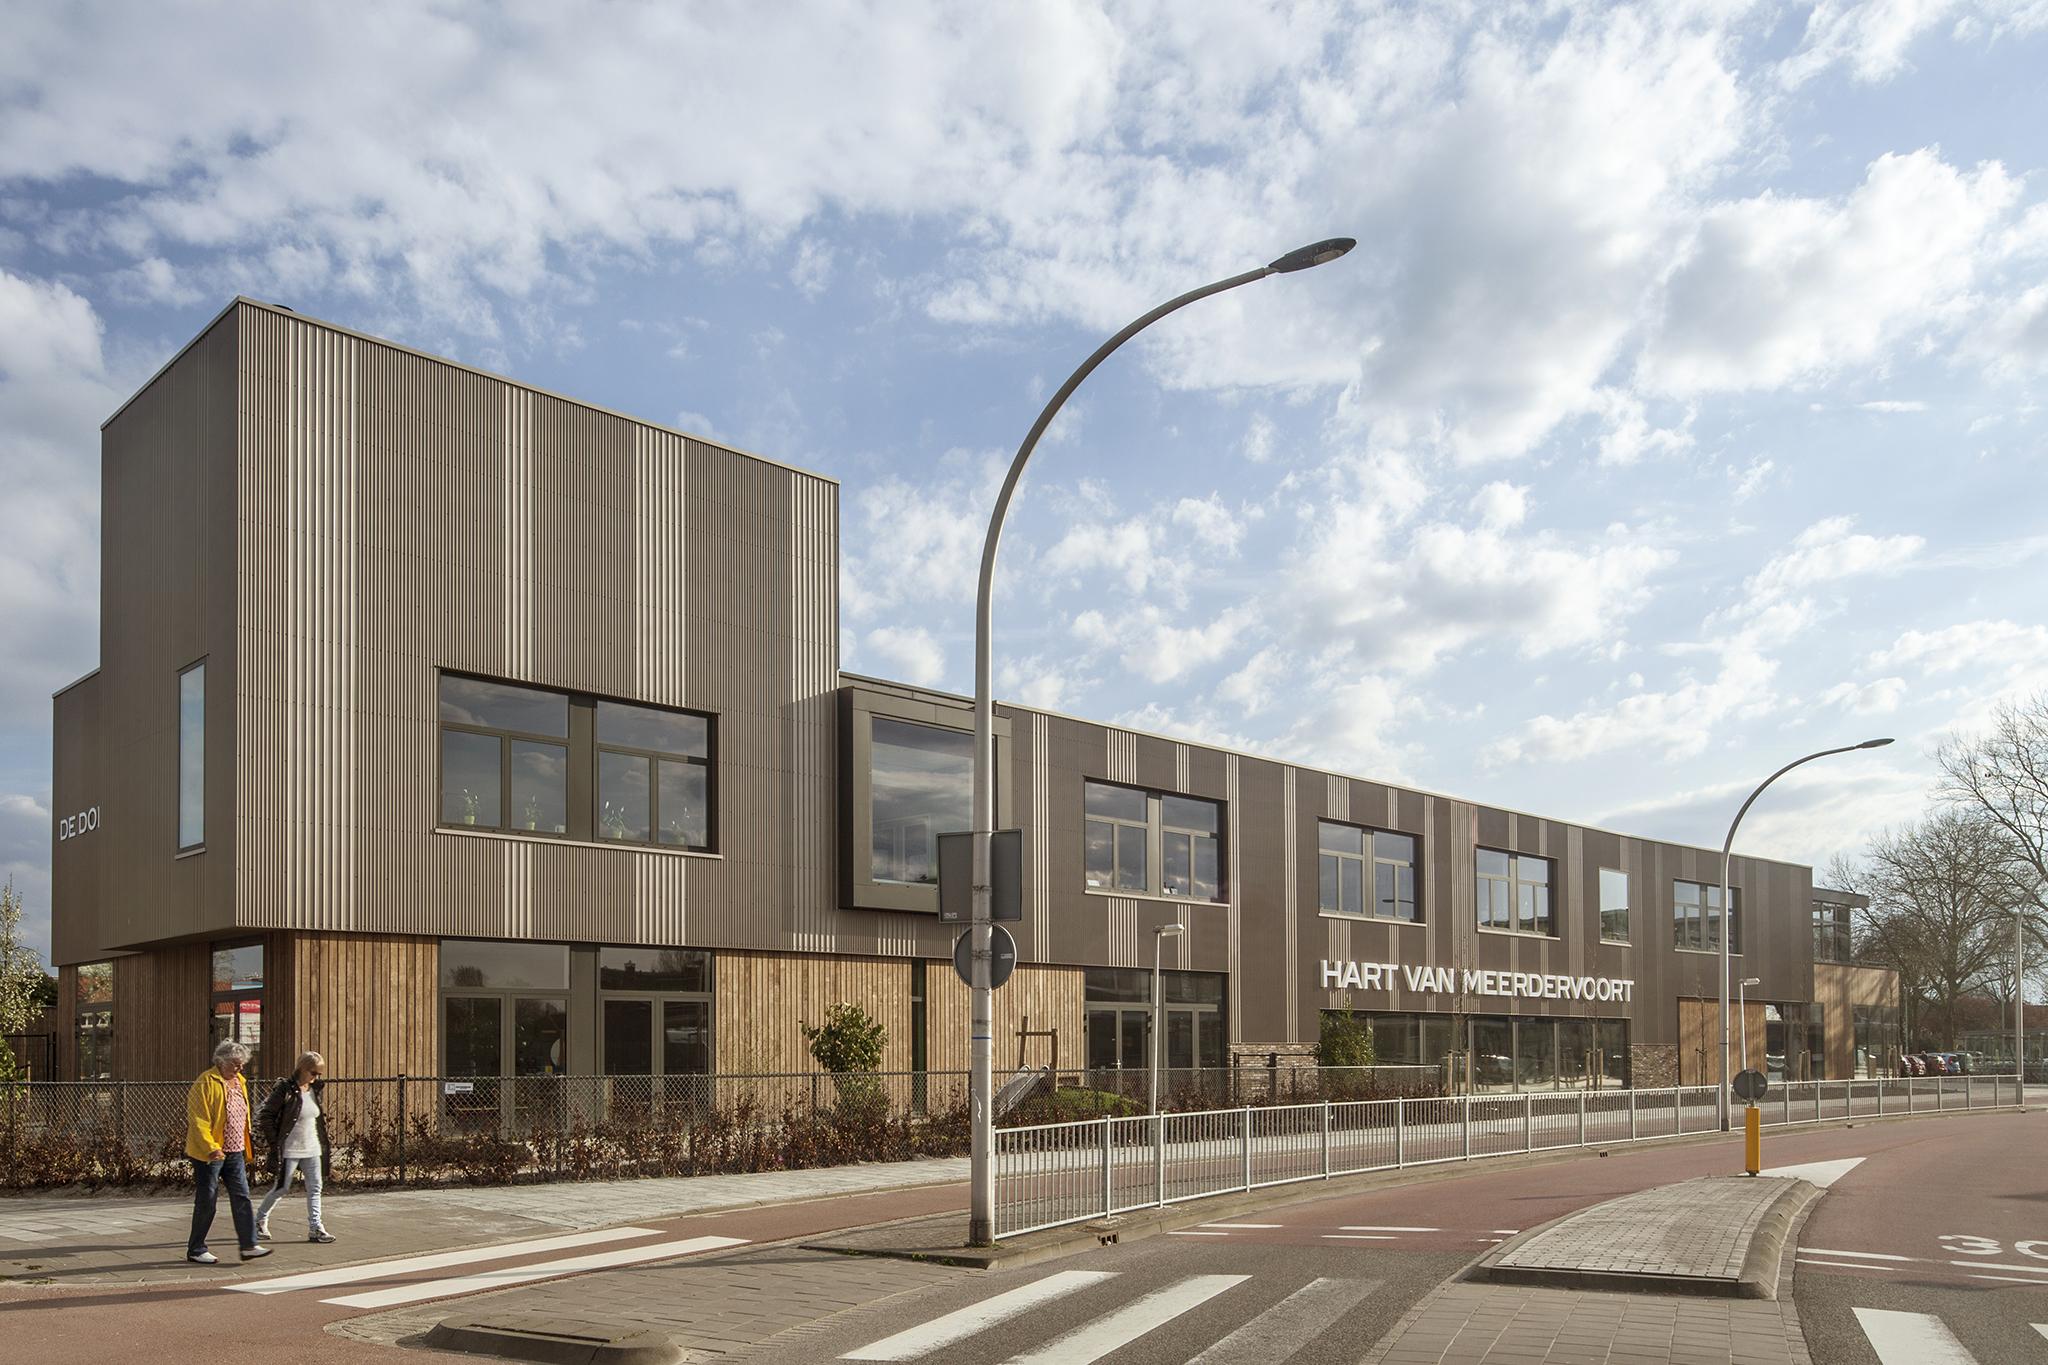 Architectenburo Frans van Roy - Hart van Meerdervoort, Zwijndrecht